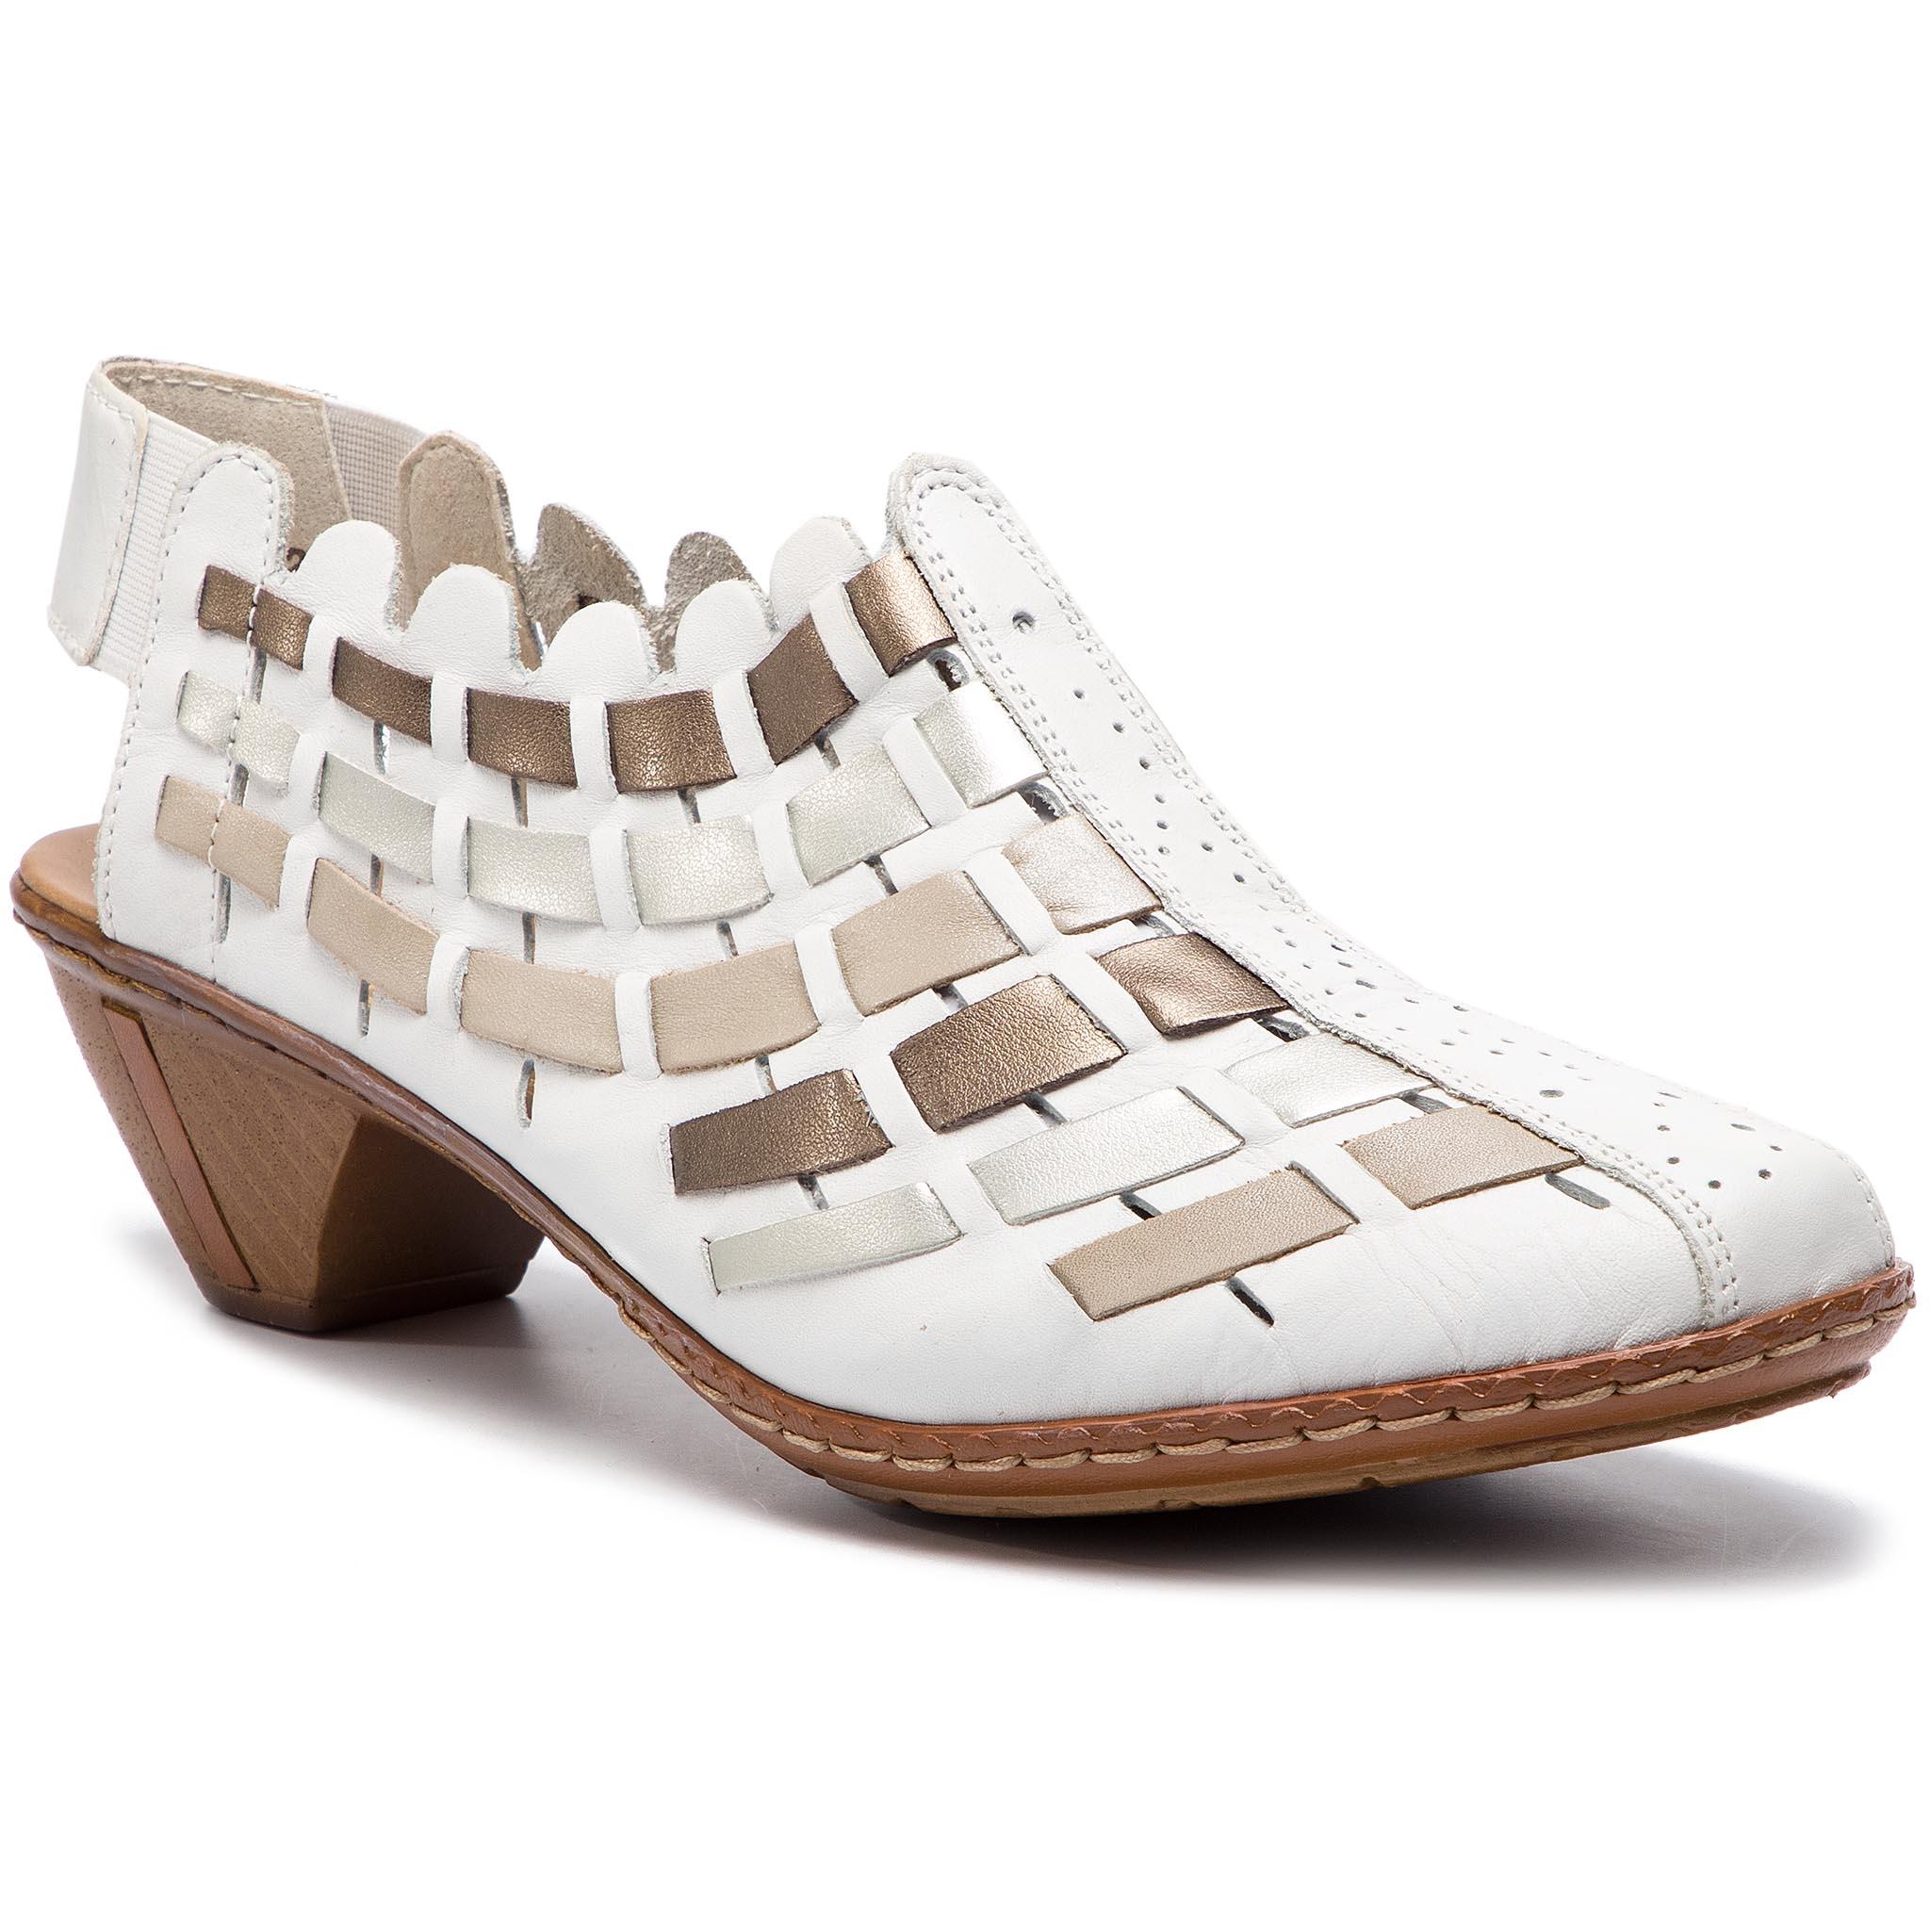 Sandále RIEKER - 46778-81 Weiss Kombi - Glami.sk 7d5fe6cda0